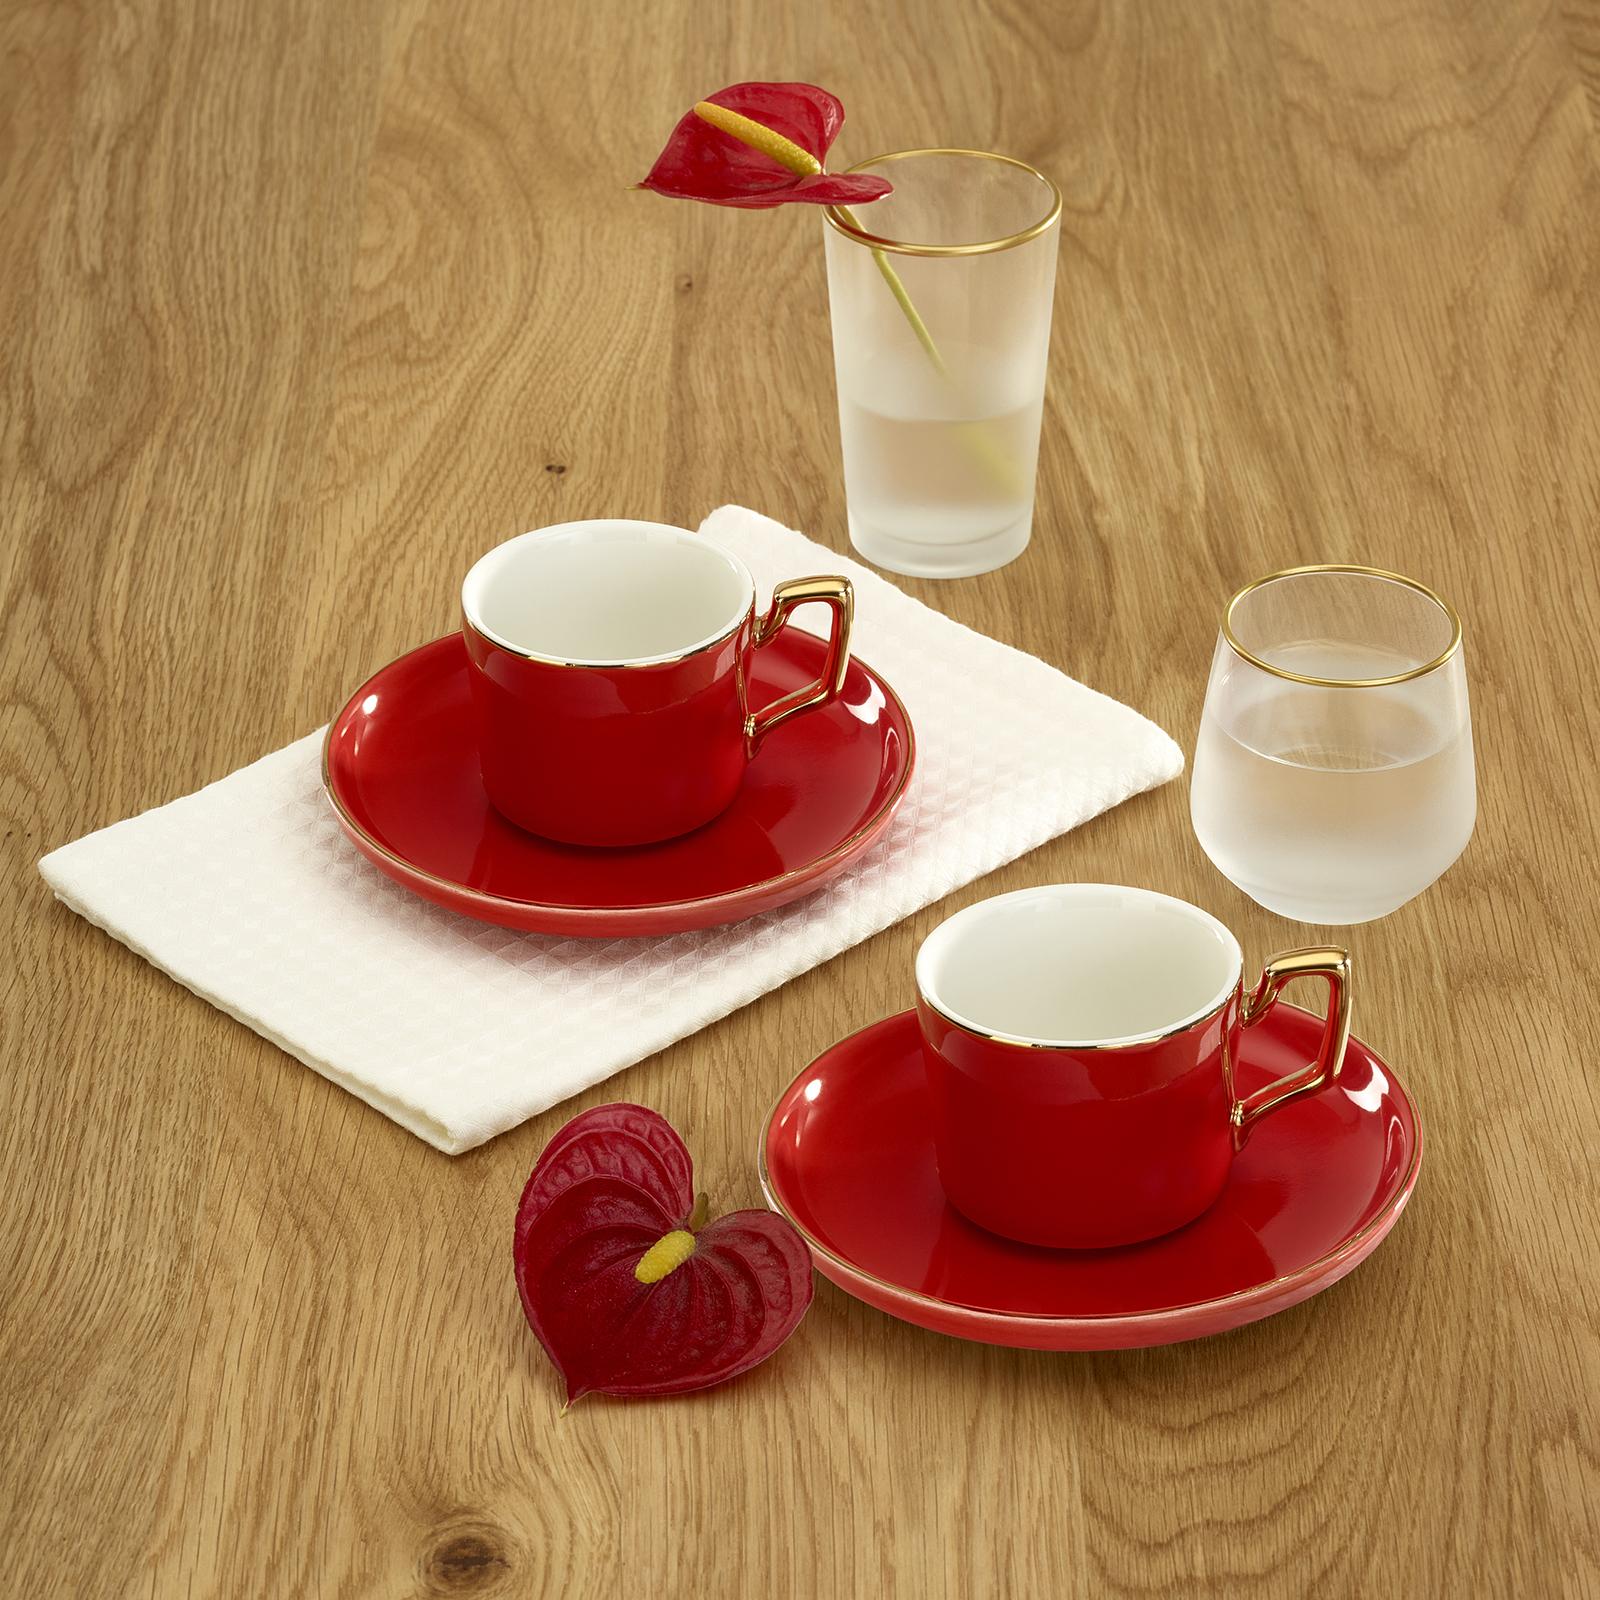 Emsan Kayra Kırmızı 2 Kişilik Kahve Fincan Takımı